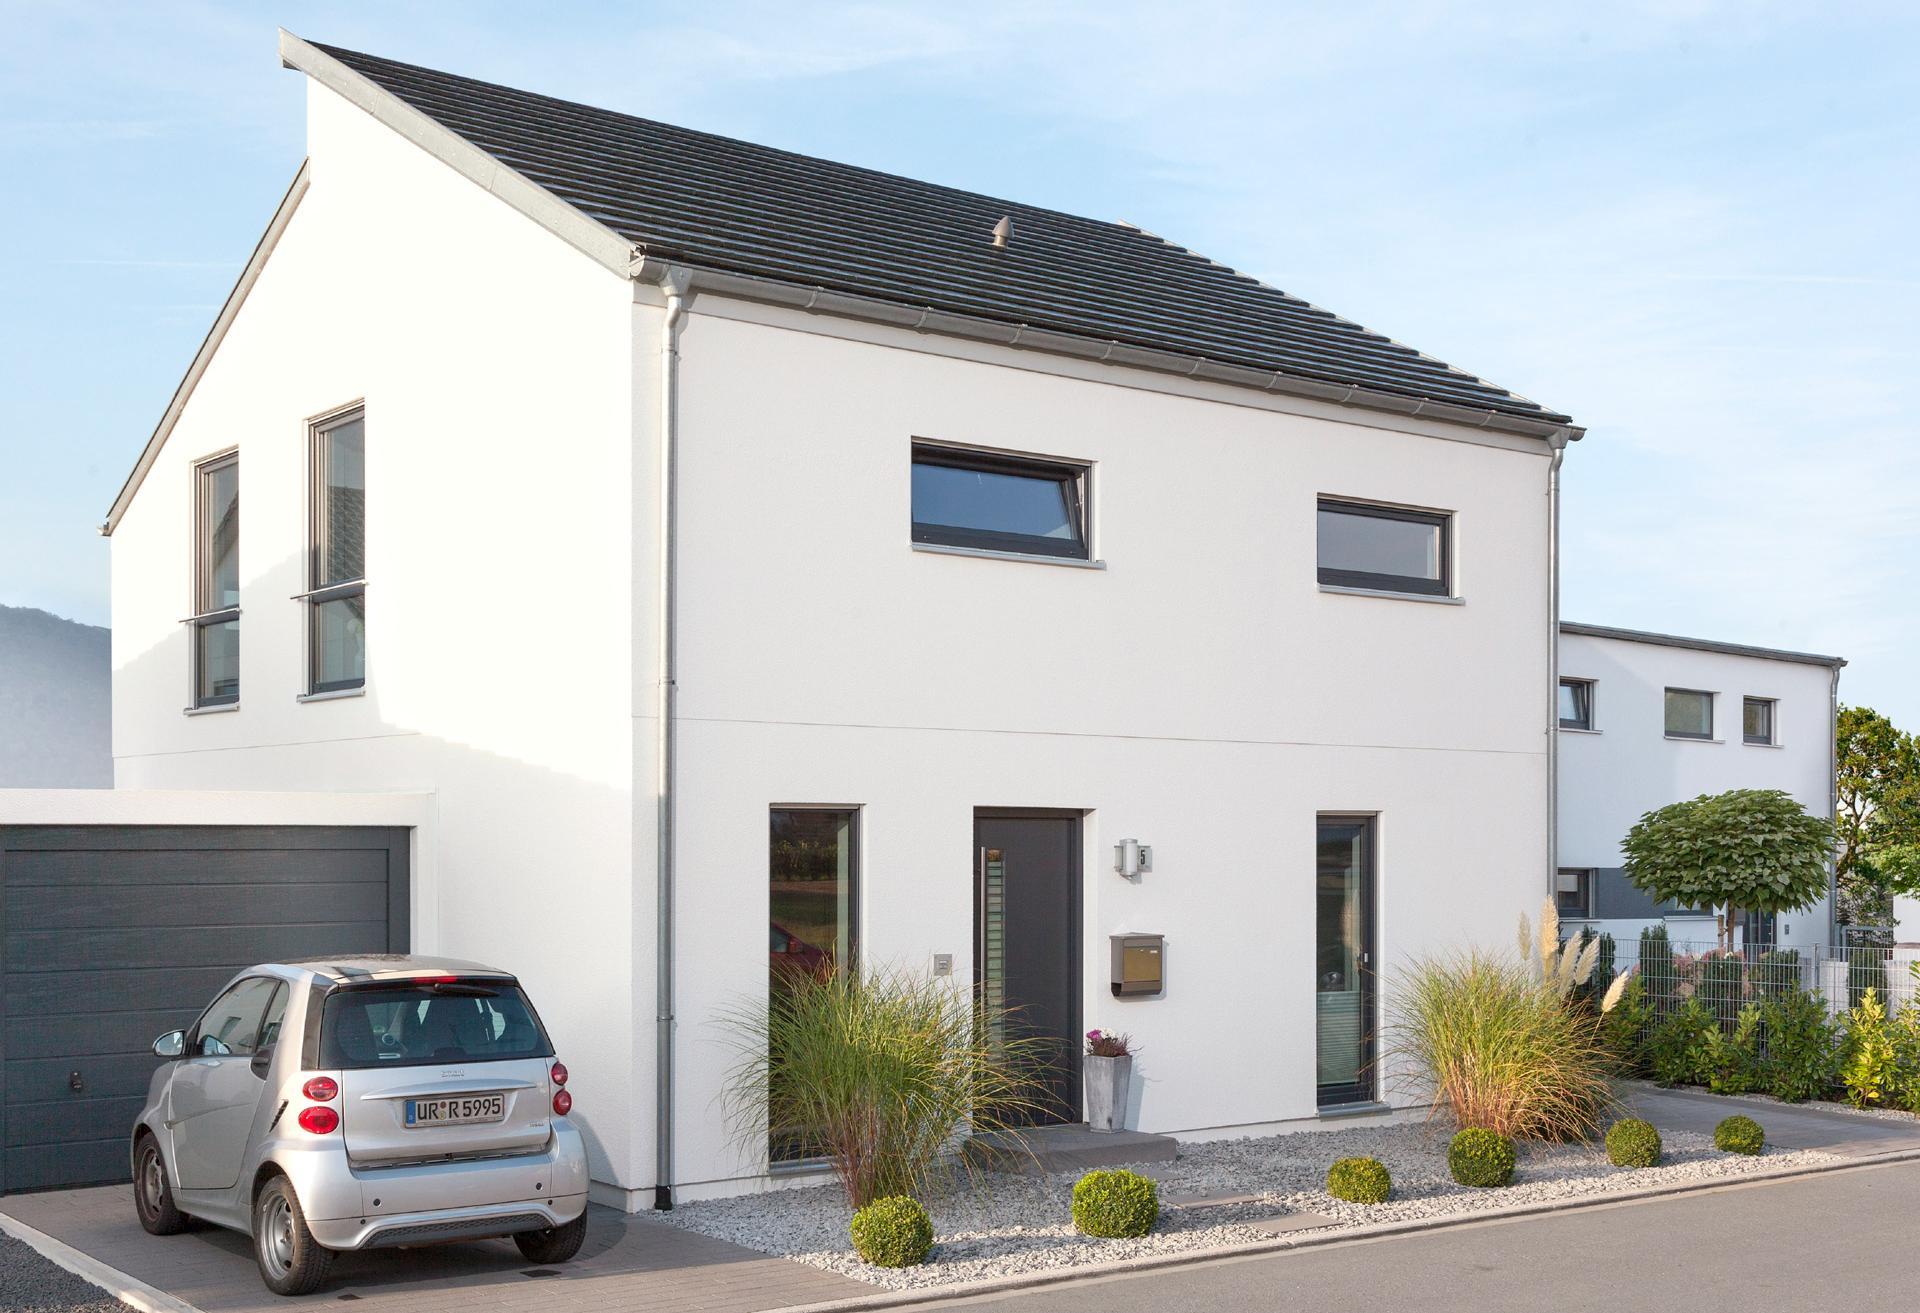 Haus mit versetztem pultdach schw rerhaus for Modernes haus mit versetztem pultdach